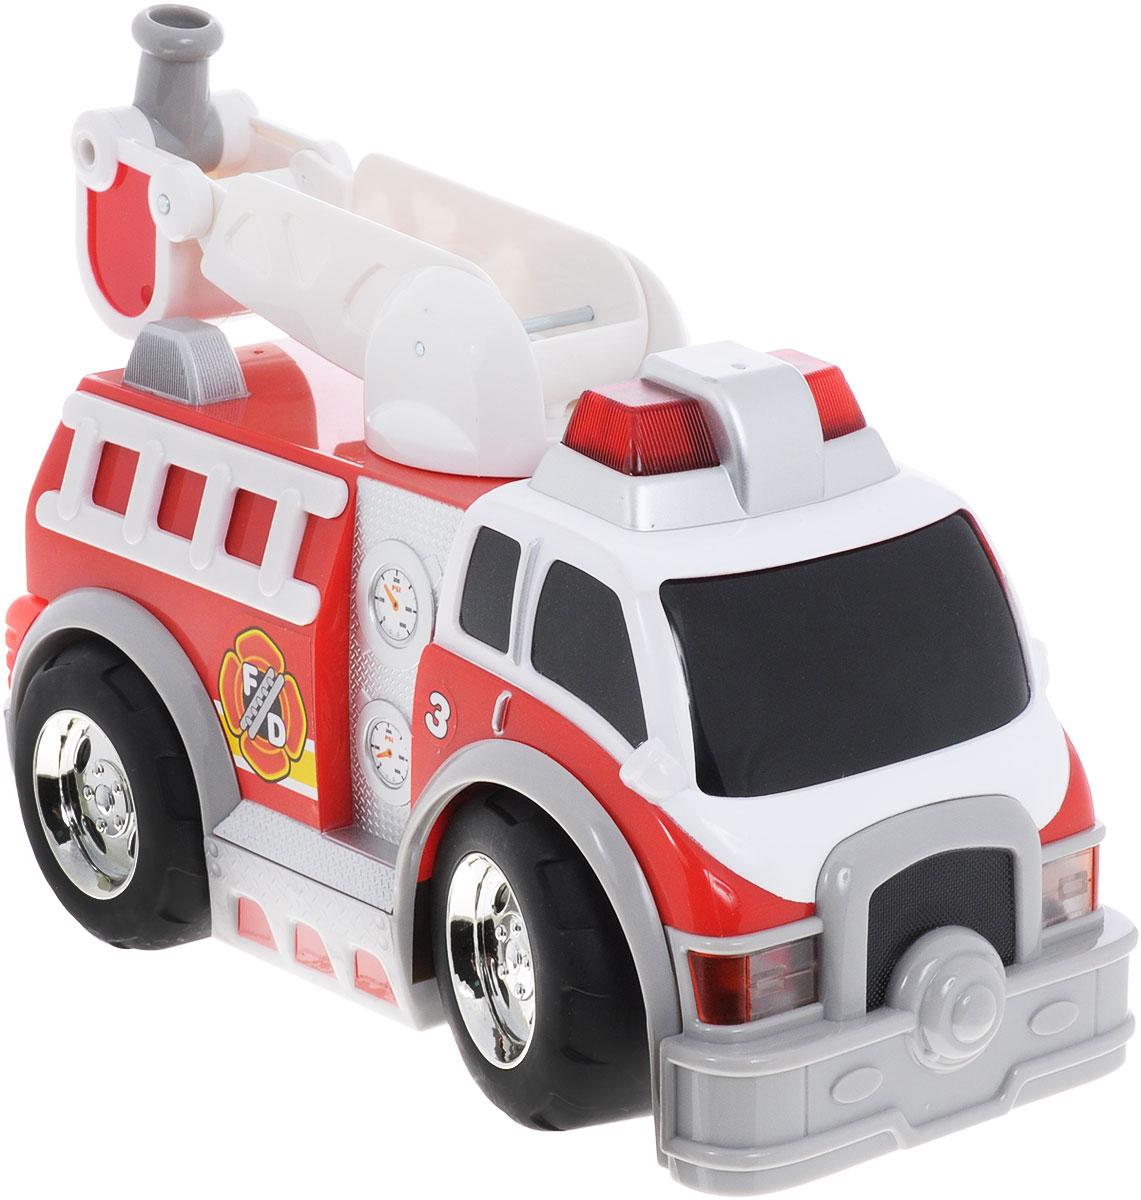 Toystate Машина на радиоуправлении Rush & Rescue35731TSЯркая машина на радиоуправлении Toystate Rush & Rescue со звуковыми и световыми эффектами, несомненно, понравится вашему ребенку и не позволит ему скучать. Игрушка выполнена в виде мощной пожарной машины с лестницей. Лестница вращается. При нажатии на кнопки, расположенные на борту машины, светятся огни автомобиля, воспроизводятся звуки двигателя и сирены. Машина управляется с помощью пульта дистанционного управления. Пульт имеет три большие кнопки, обеспечивающие удобство использования для маленьких ручек. Ваш ребенок часами будет играть с машинкой, придумывая различные истории и устраивая соревнования. Порадуйте его таким замечательным подарком! Для работы игрушки необходимы 3 батарейки типа АА (товар комплектуется демонстрационными). Для работы пульта управления необходимы 3 батарейки типа ААА (не входят в комплект).